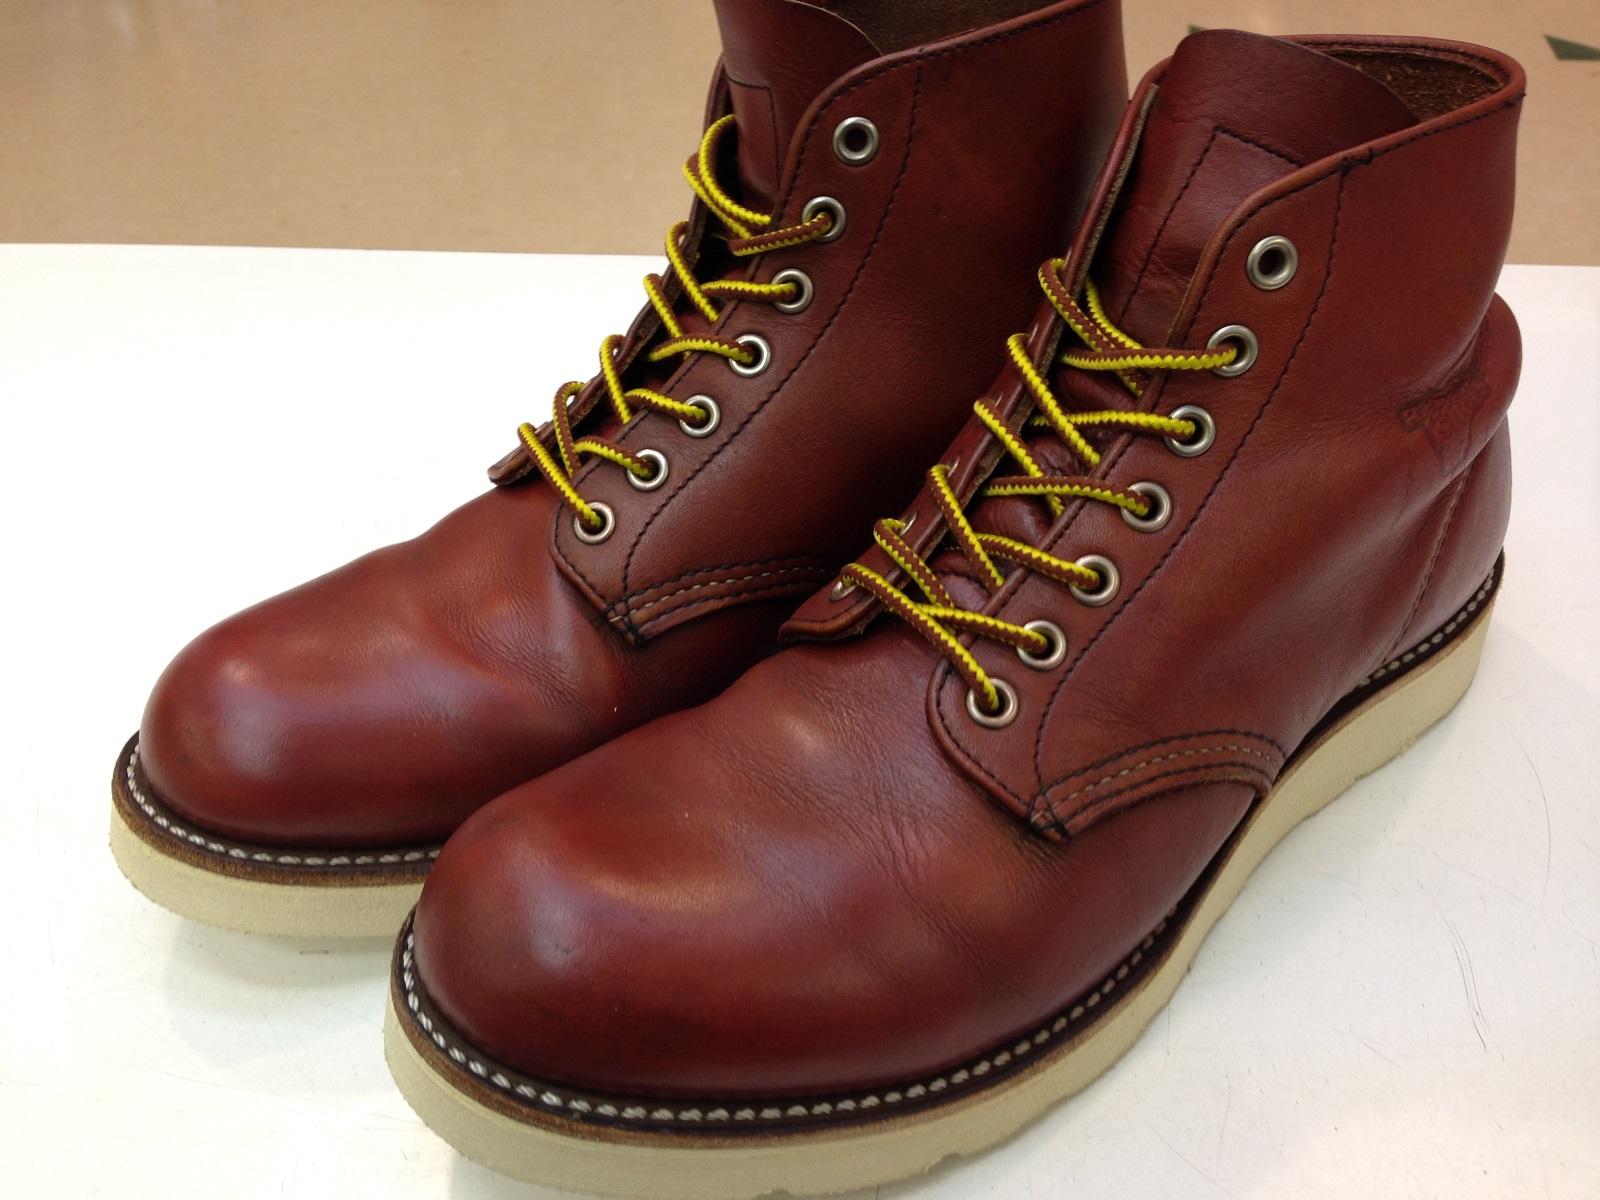 ヤフーショッピング 靴クリーニング ブーツ手洗い丸洗いライトクリーニング